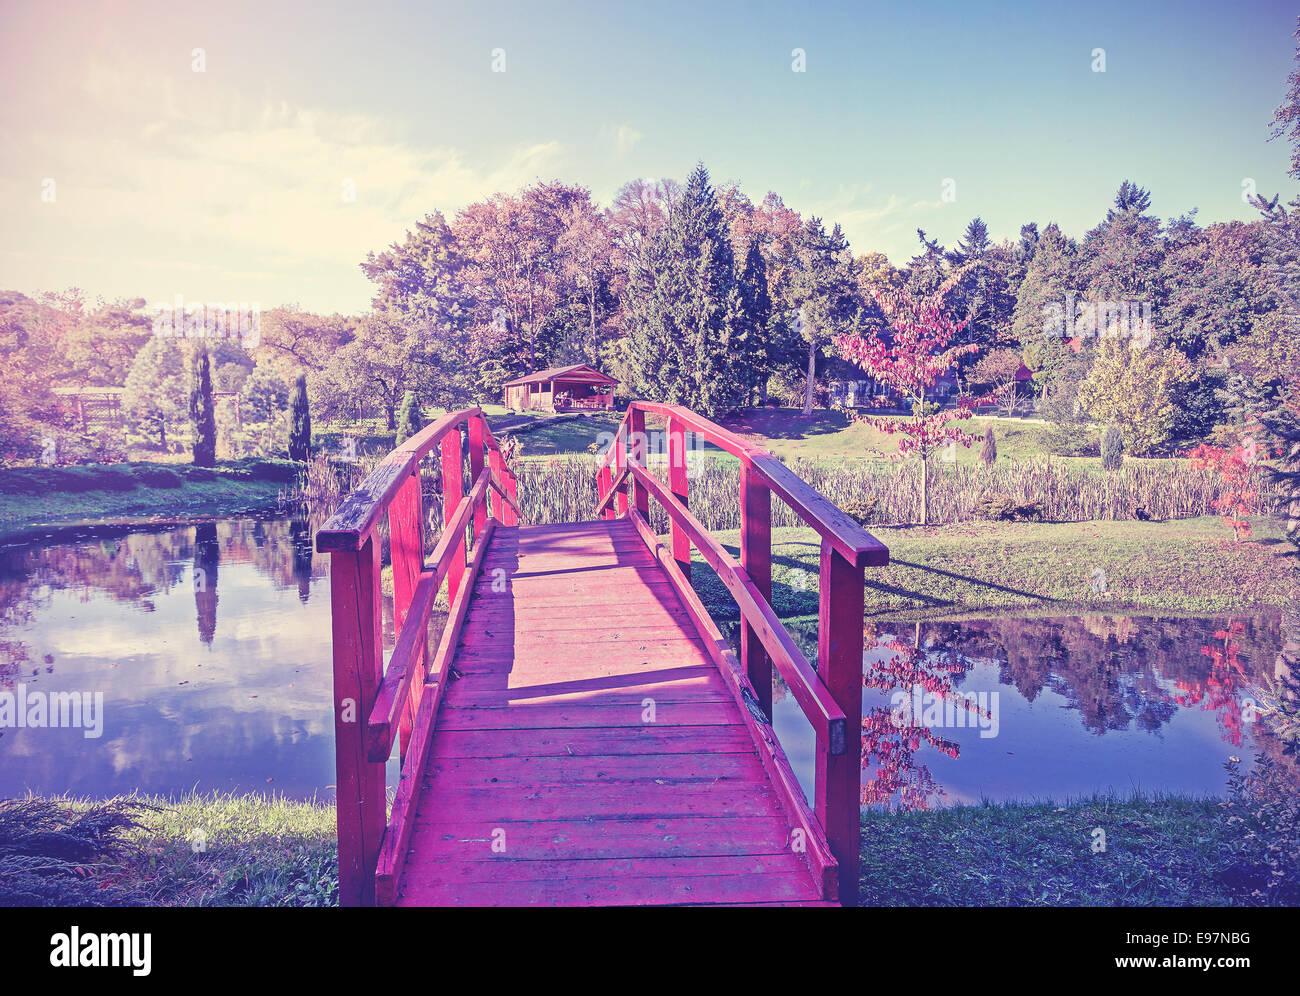 Vintage imagen del puente rojo en el jardín. Imagen De Stock